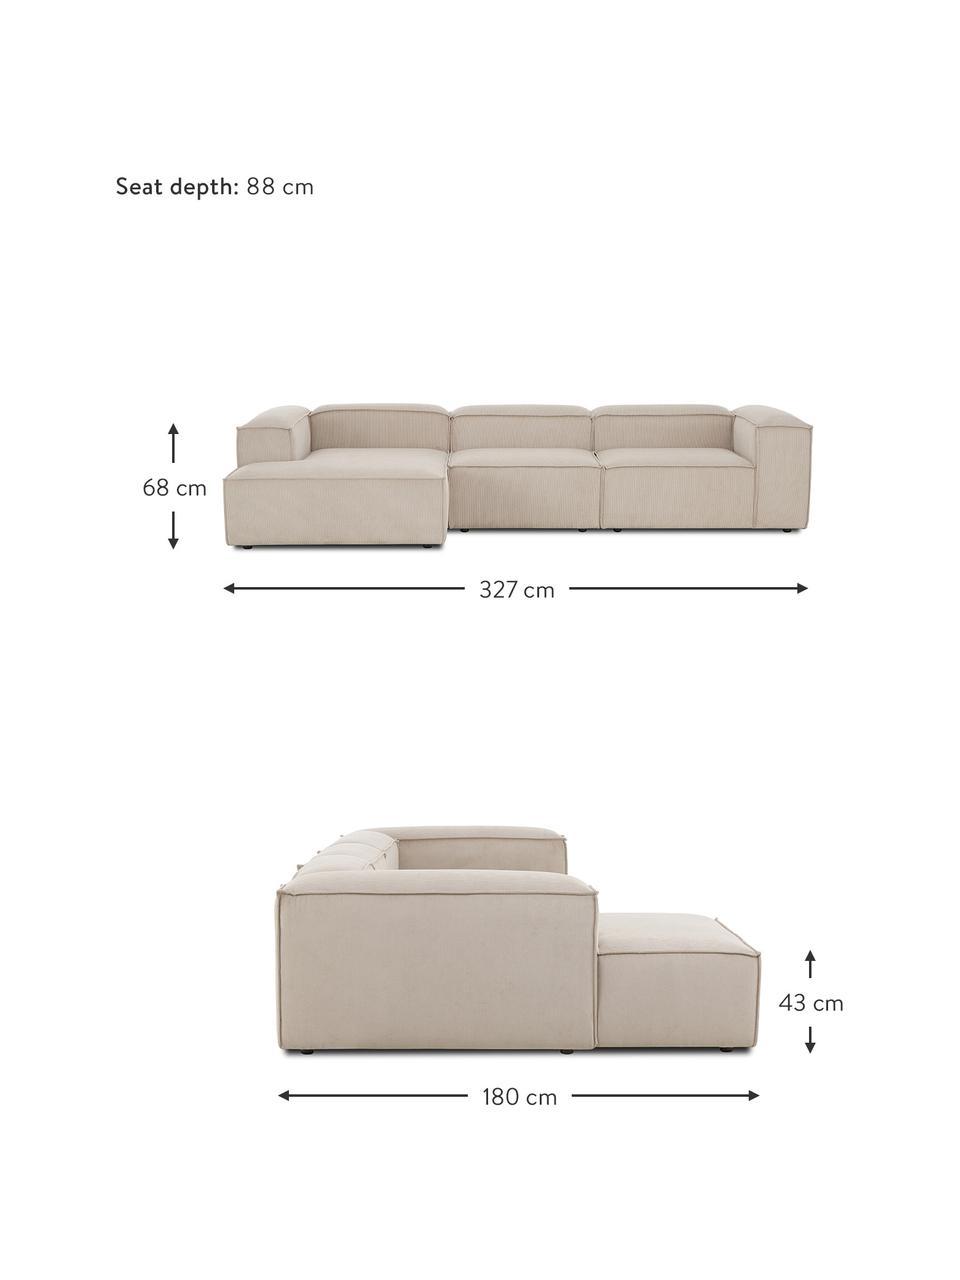 Narożna sofa modułowa ze sztruksu Lennon, Tapicerka: sztruks (92% poliester, 8, Stelaż: lite drewno sosnowe, skle, Nogi: tworzywo sztuczne Nogi zn, Sztruksowy beżowy, S 327 x G 180 cm